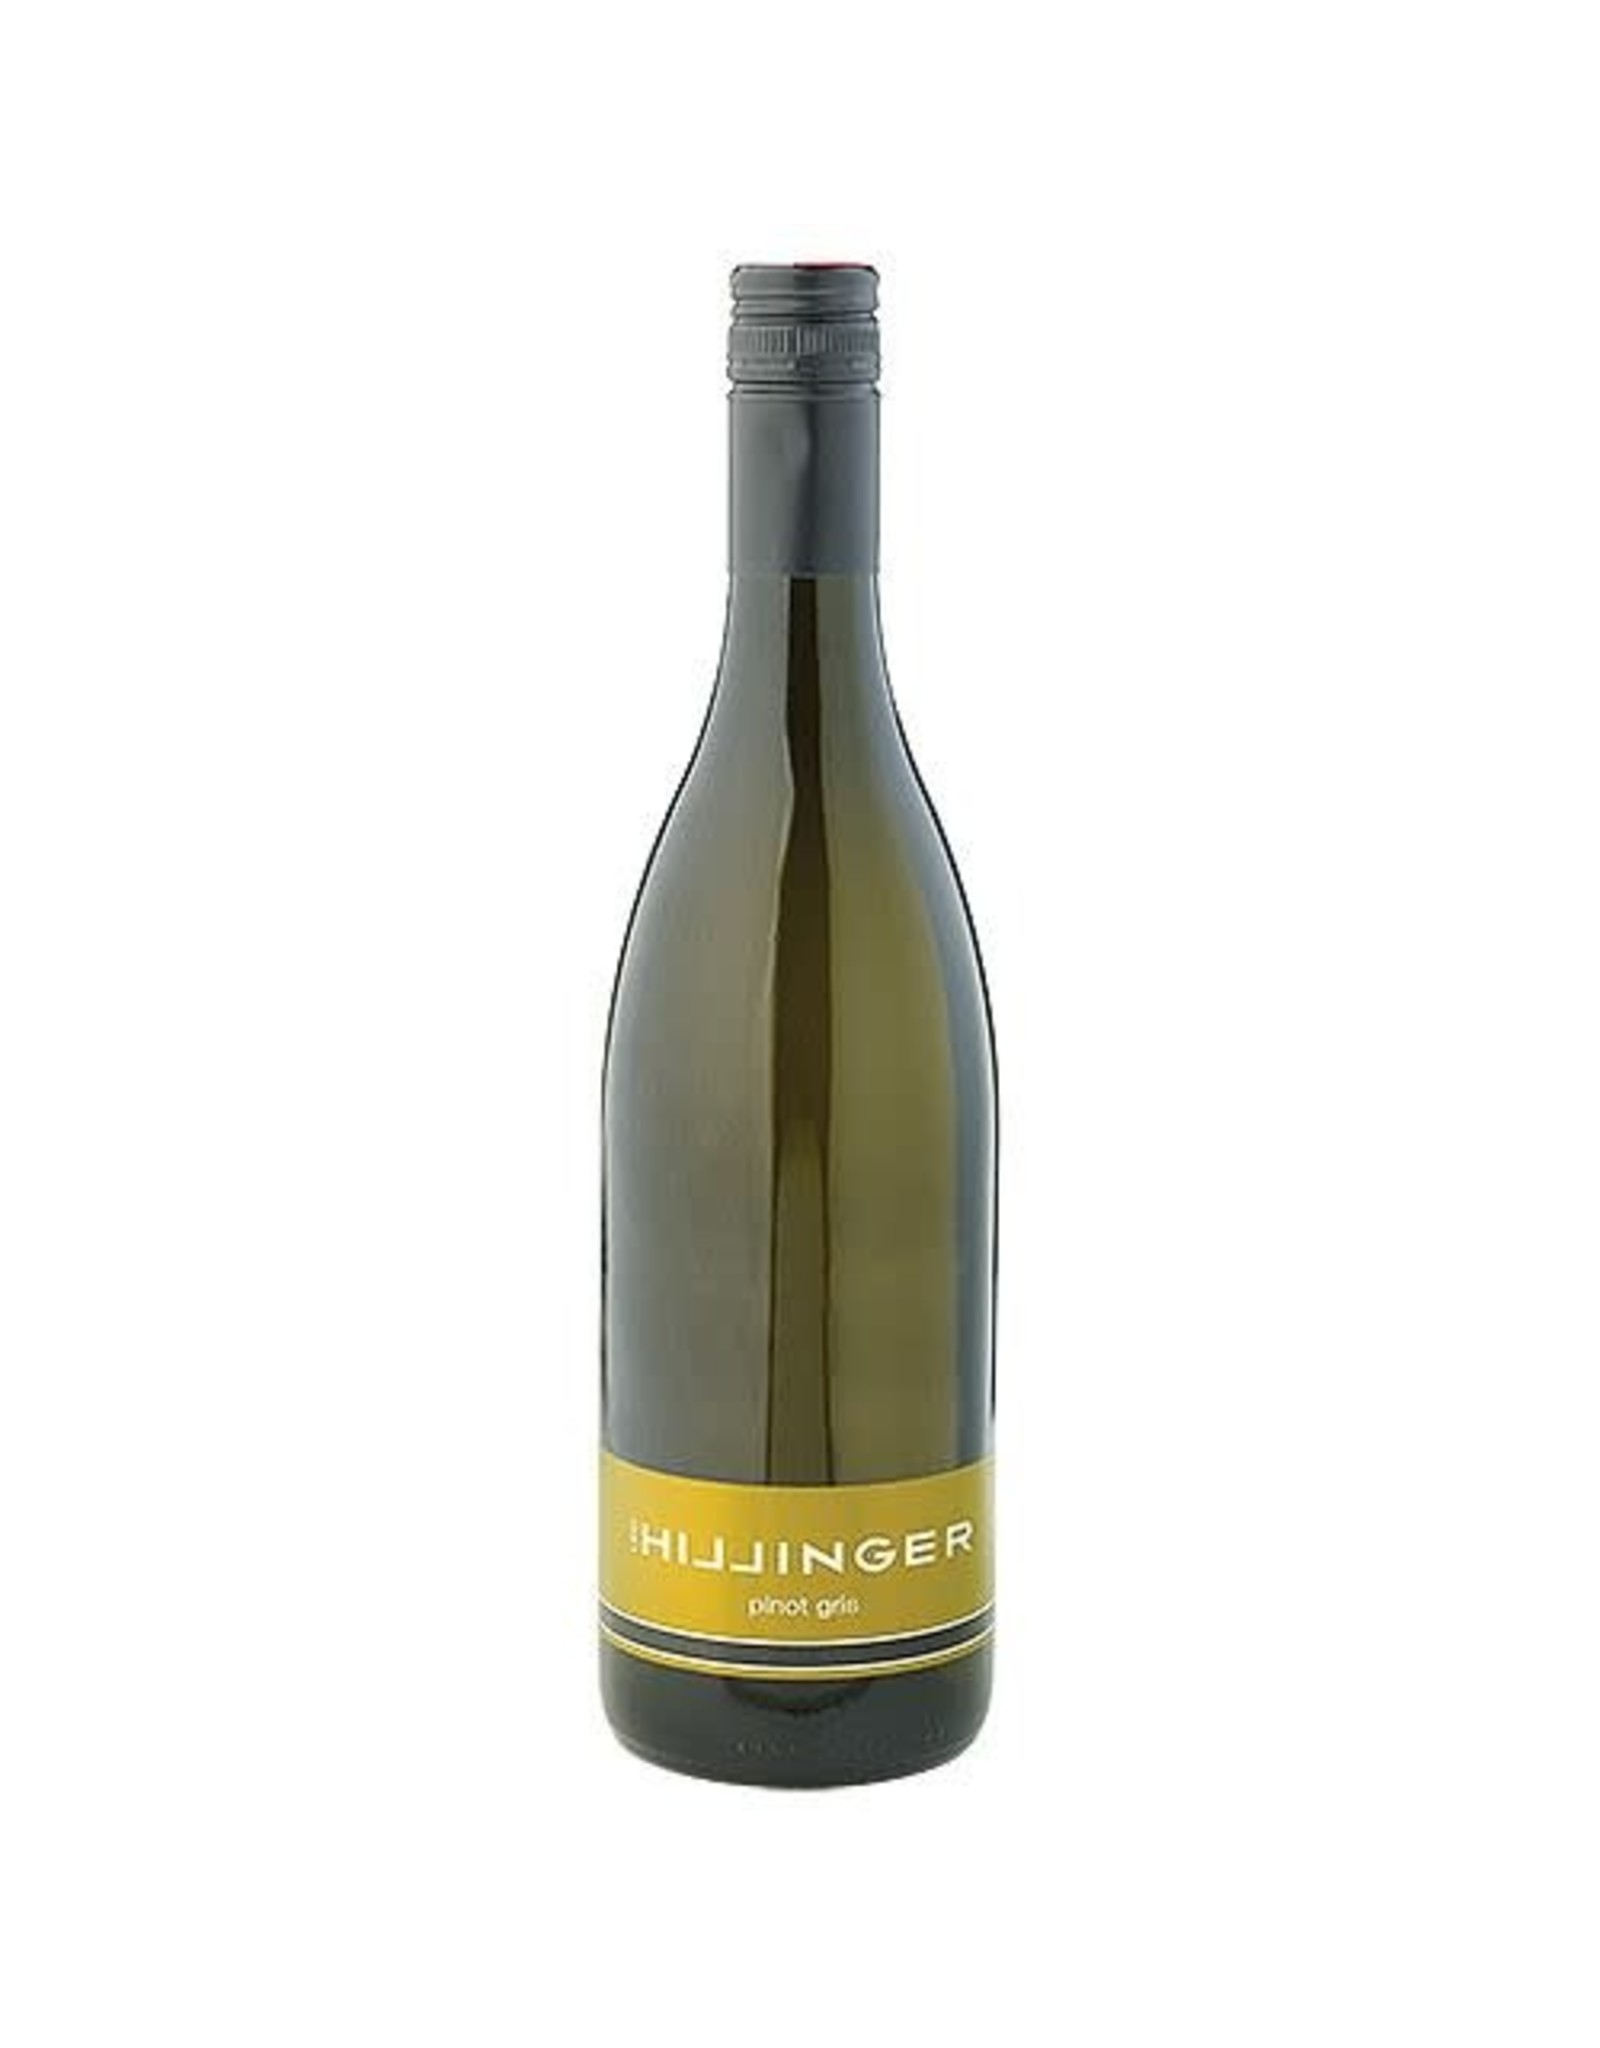 Hillinger Hillinger Pinot Gris, Burgenland 2018